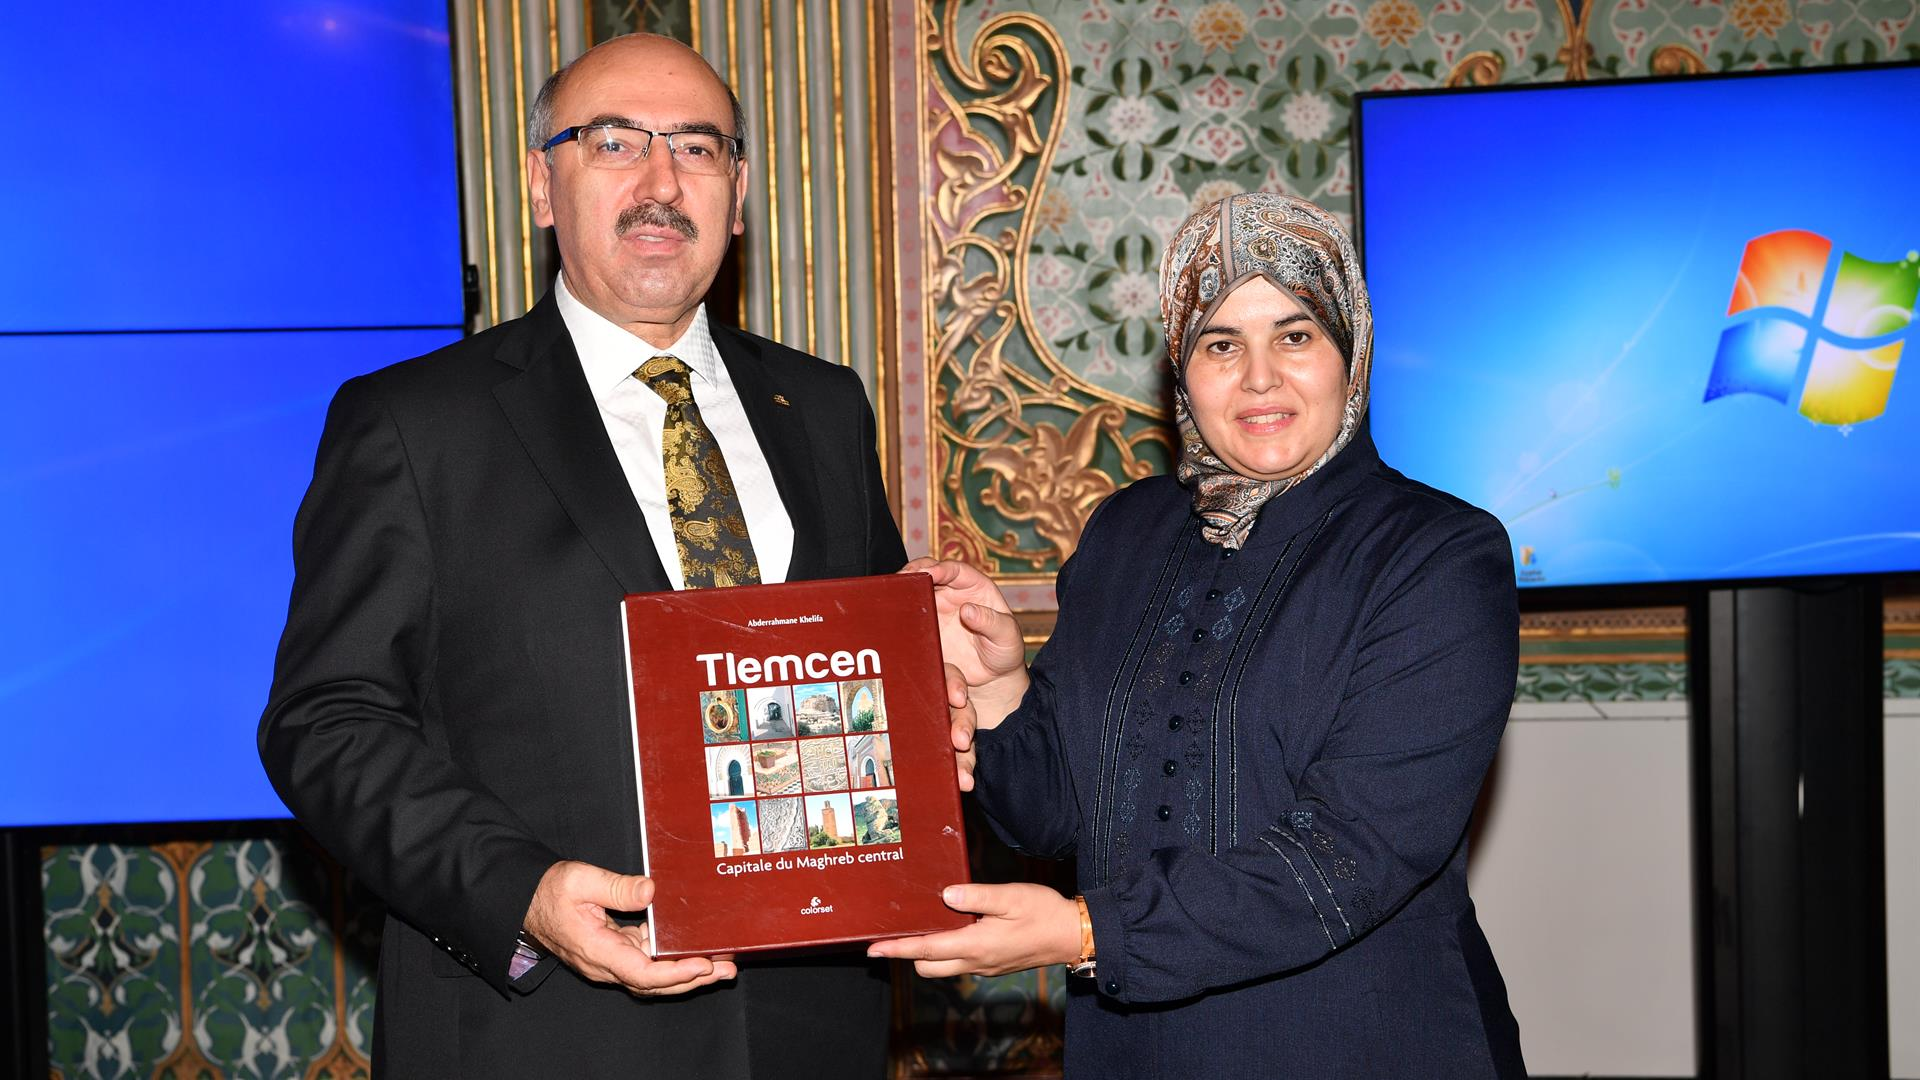 İstanbul-Üniversitesi-ve-Tilimsan-Üniversitesi-İş-Birliğinde-Gerçekleşen-Eğitimin-Sertifika-Töreni-Gerçekleştirildi